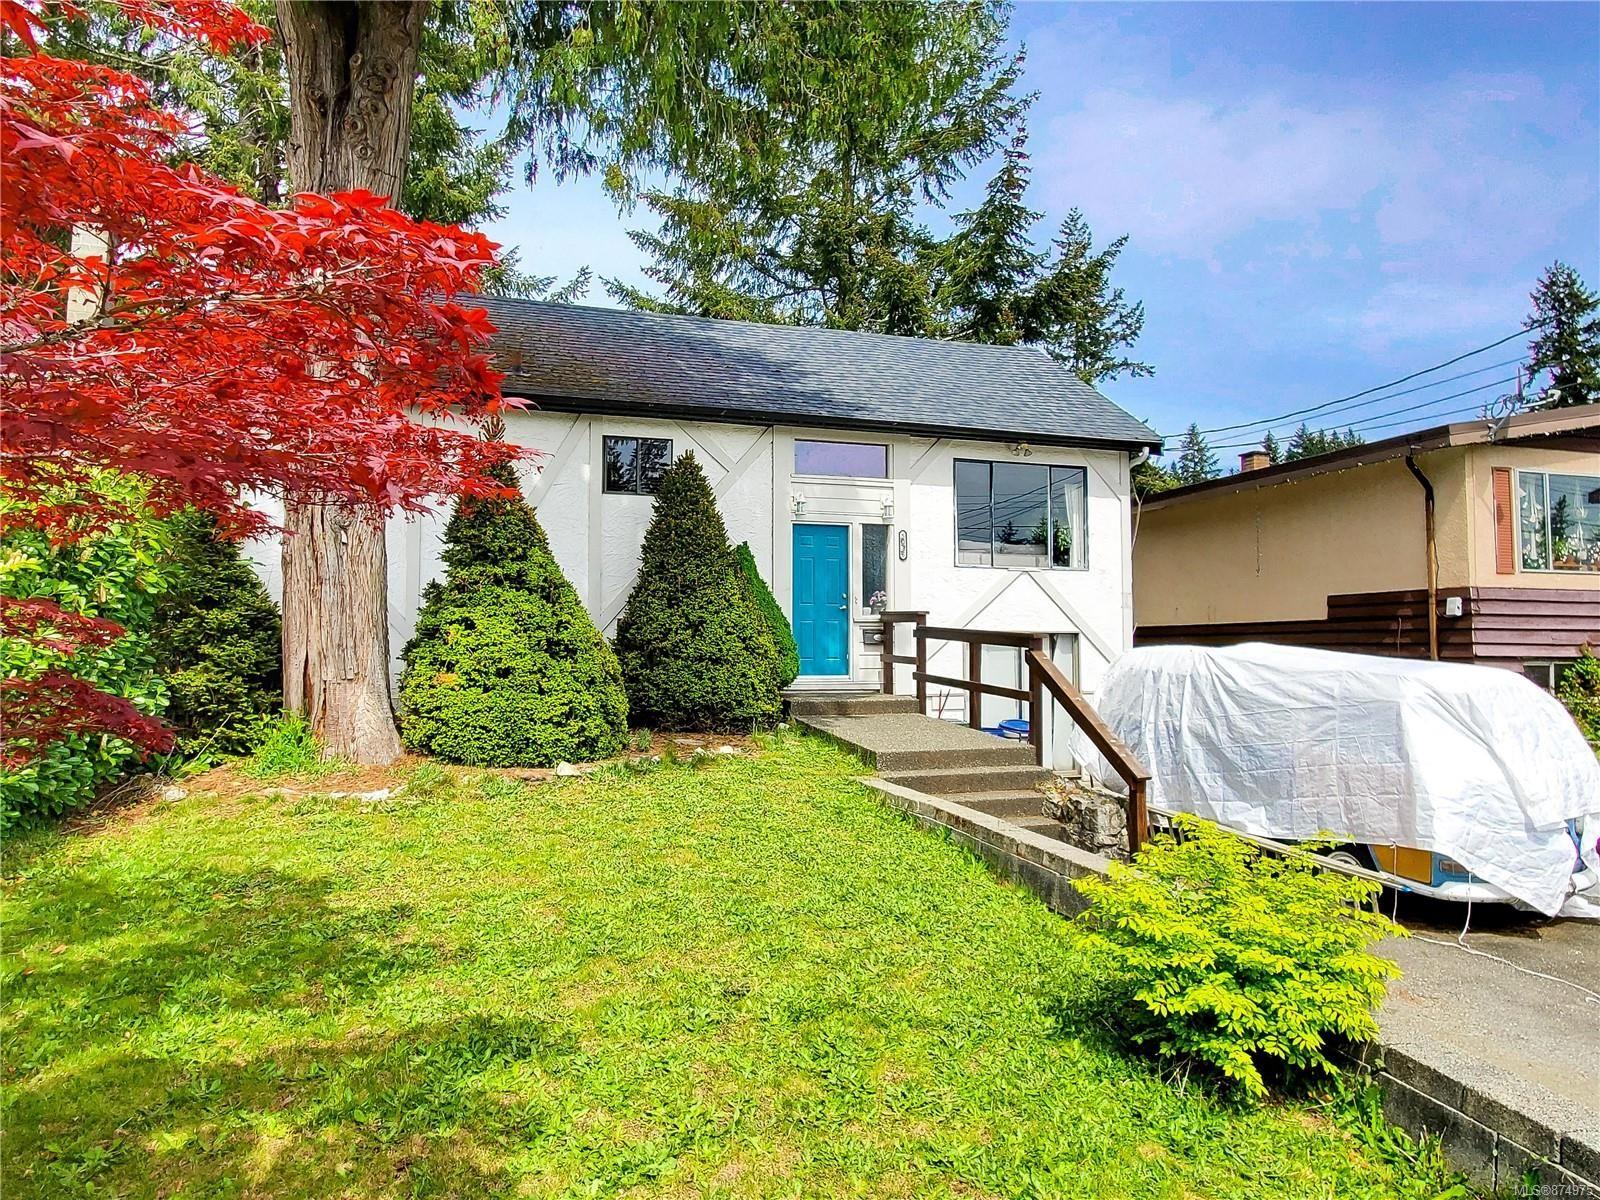 Main Photo: 5035 PLEASANT Rd in : PA Port Alberni House for sale (Port Alberni)  : MLS®# 874975